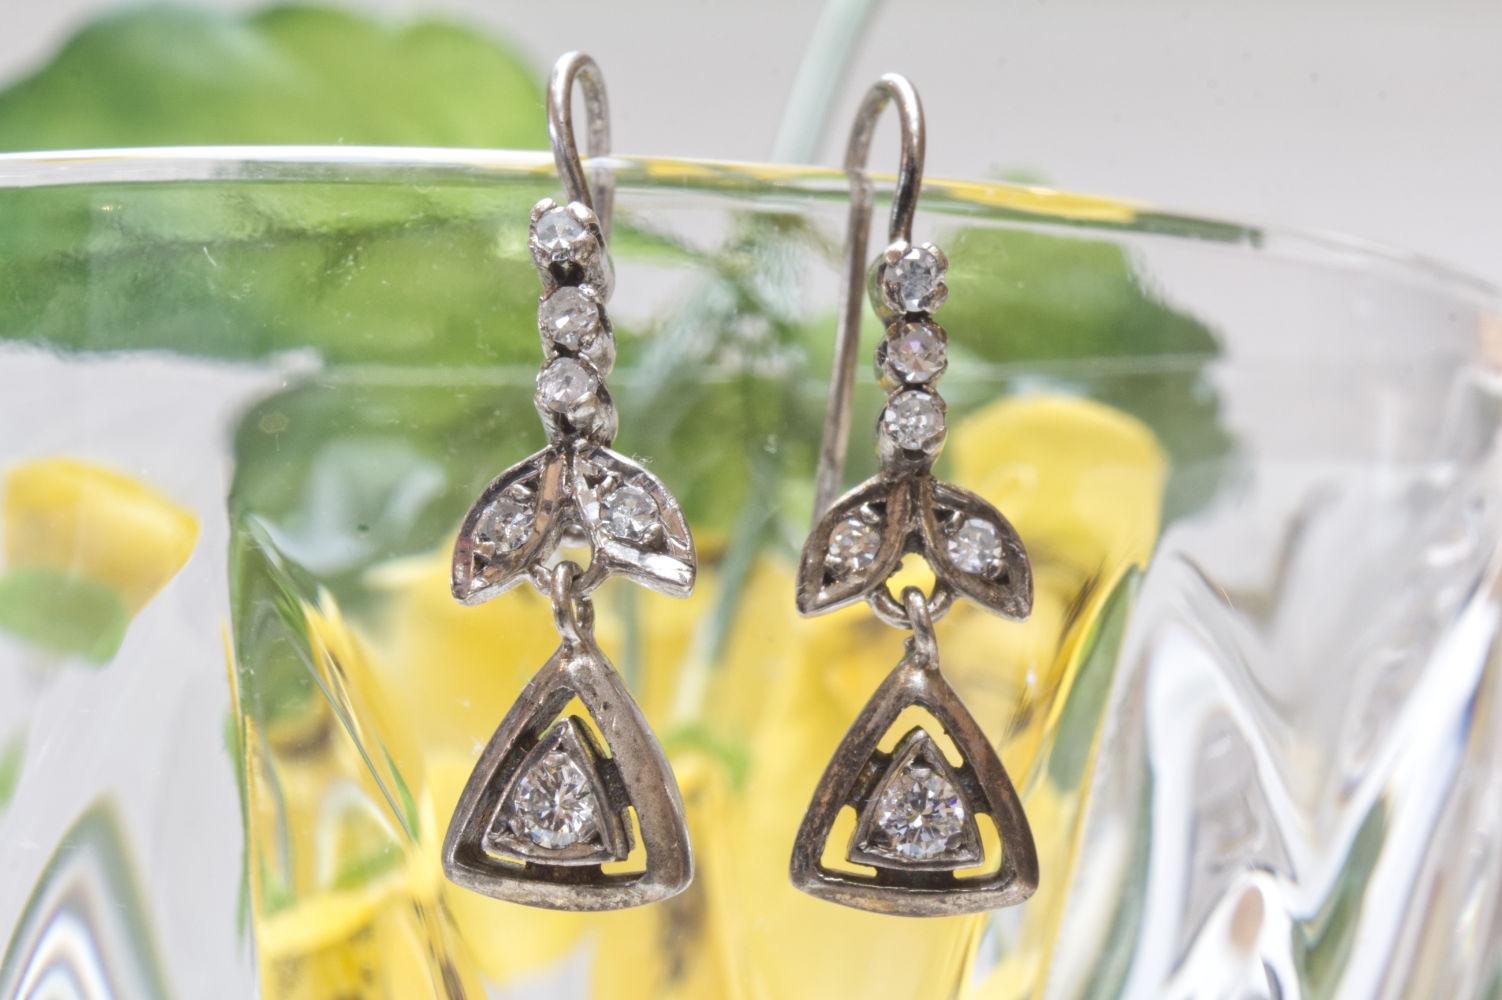 Antike Ohrringe aus Tombak mit Diamanten im Altschliff dekoriert auf Kristallglas.